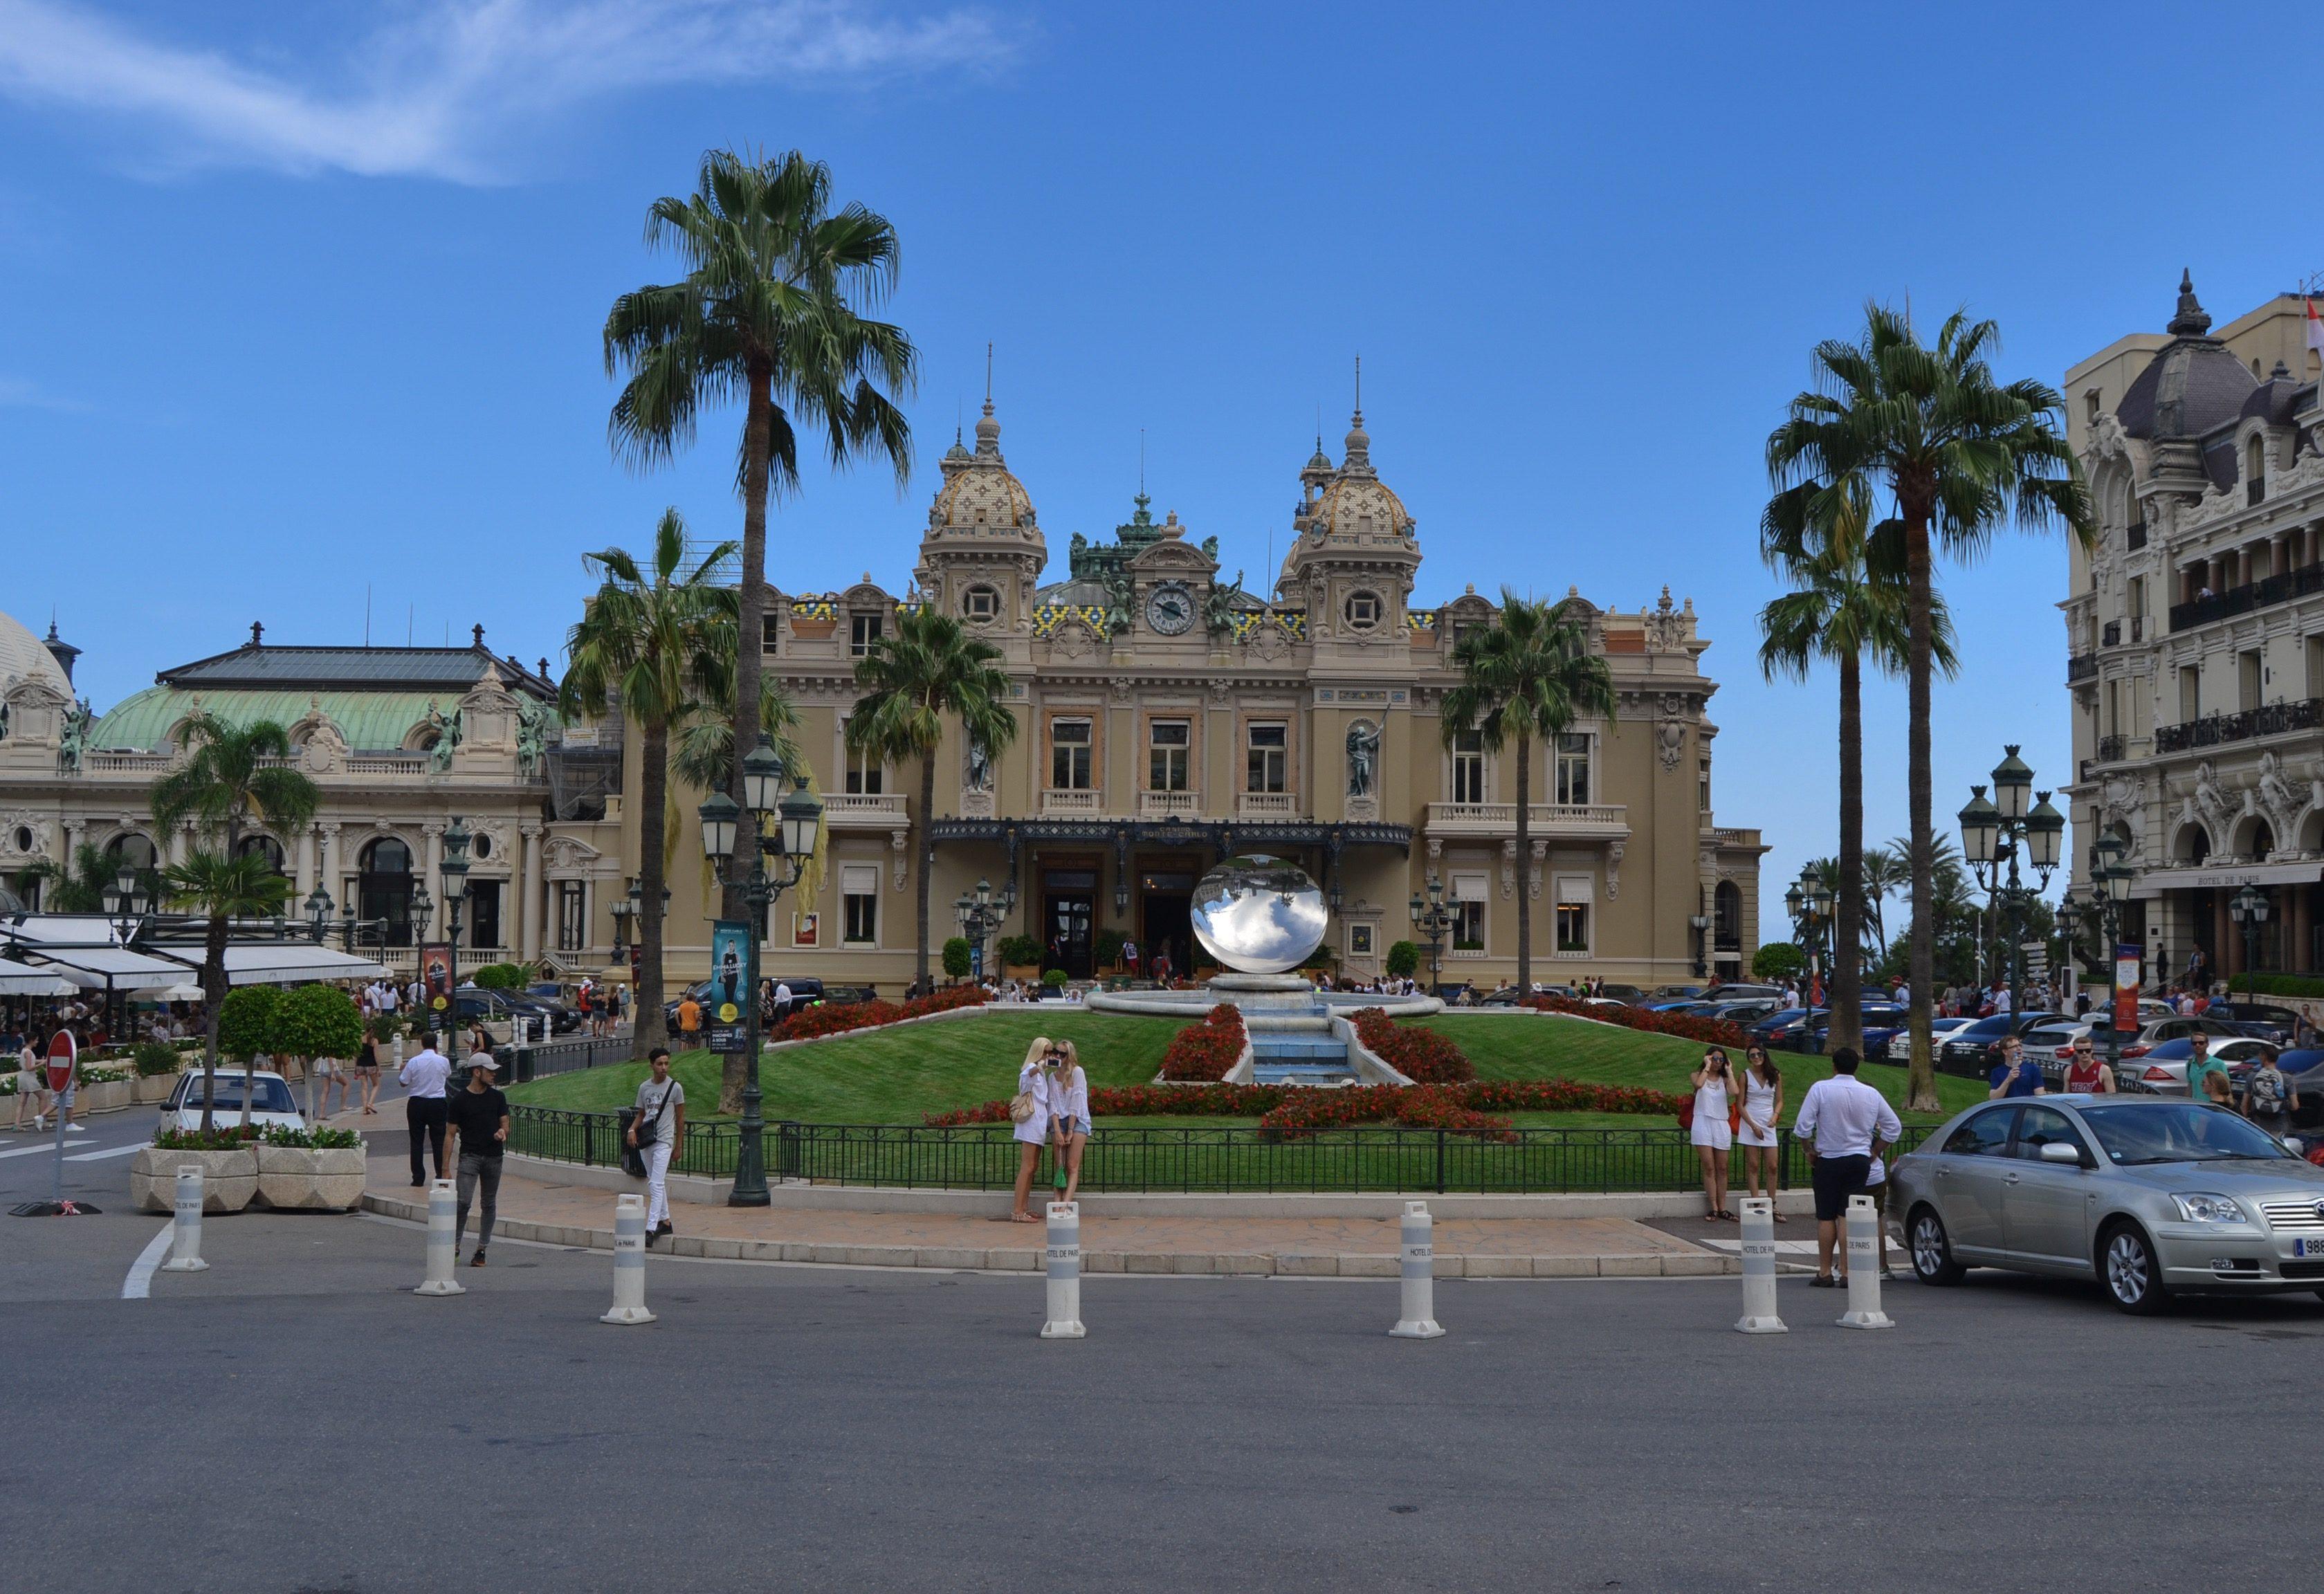 monaco-casino-une-semaine-a-nice-blog-voyage-les-ptits-touristes